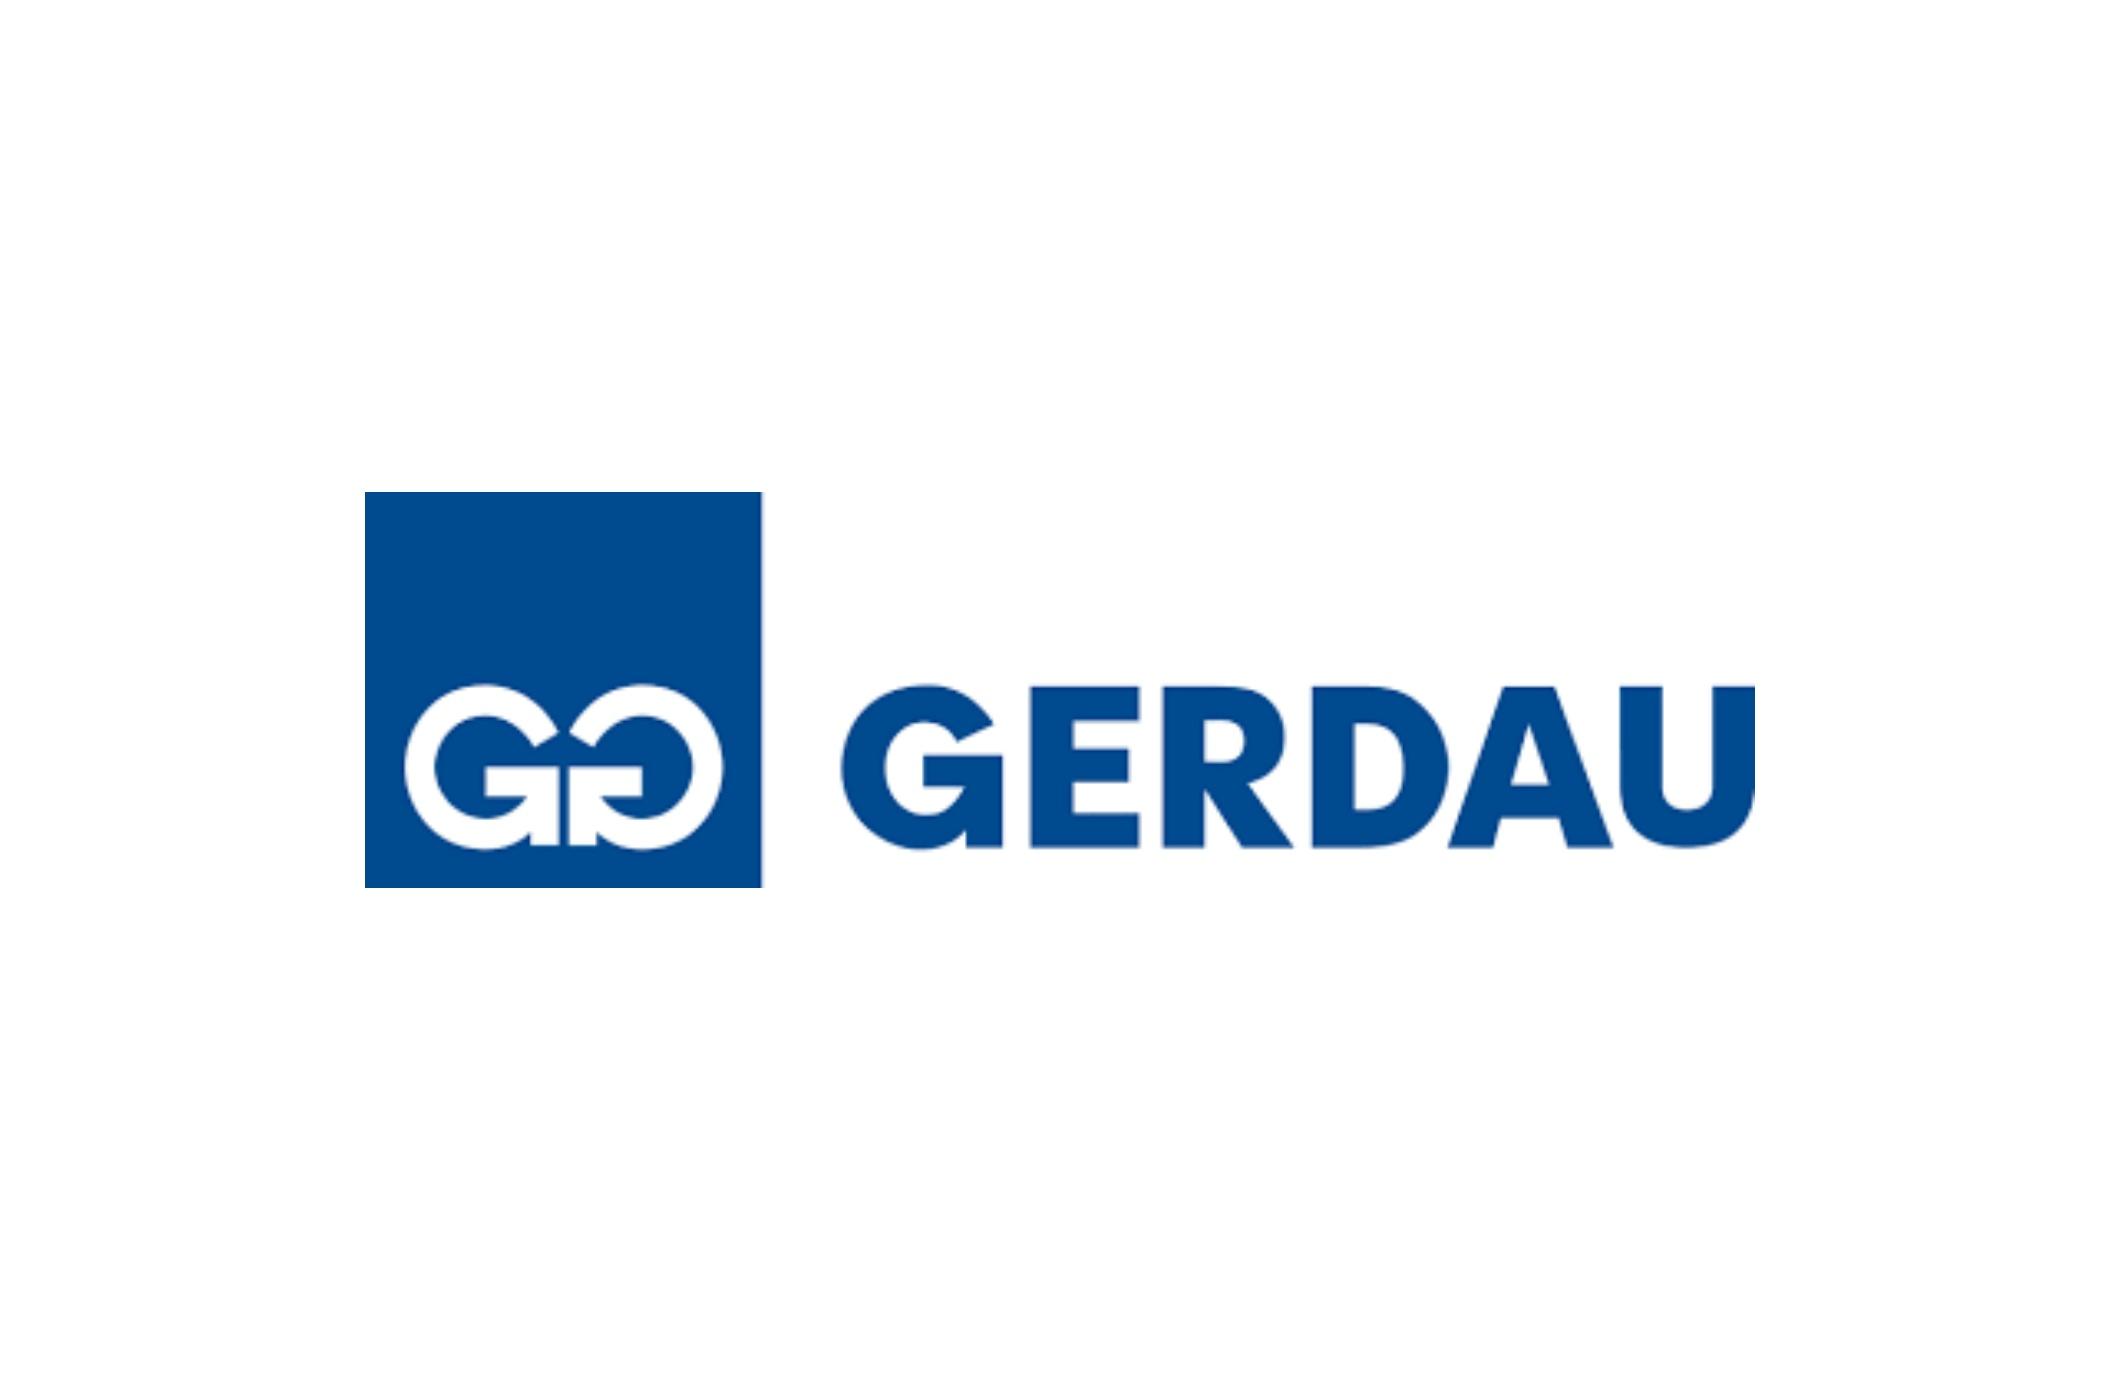 Metalúrgica Gerdau telefones e sac 0800